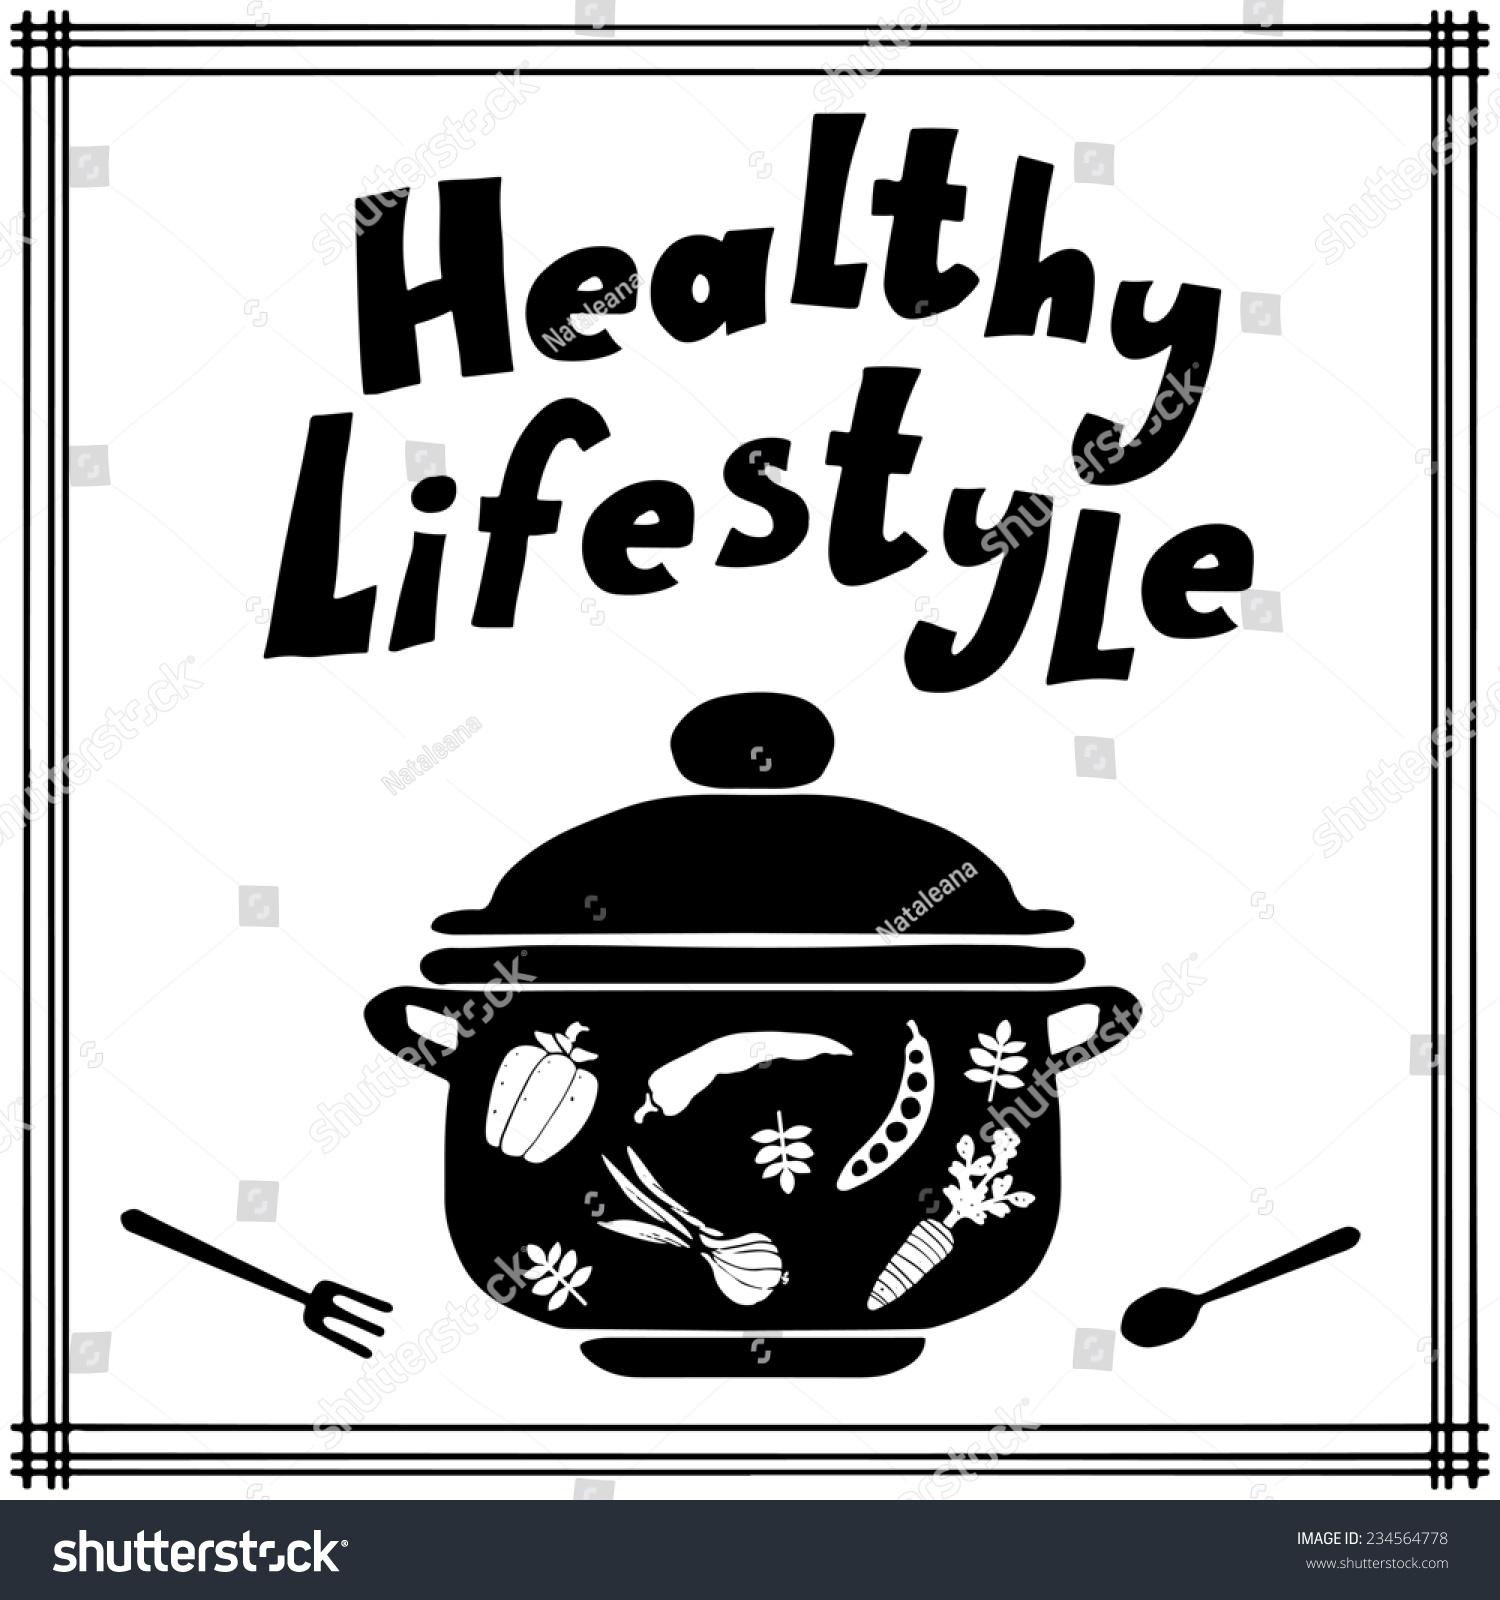 健康的生活方式的背景和图标锅,勺,叉和蔬菜剪影